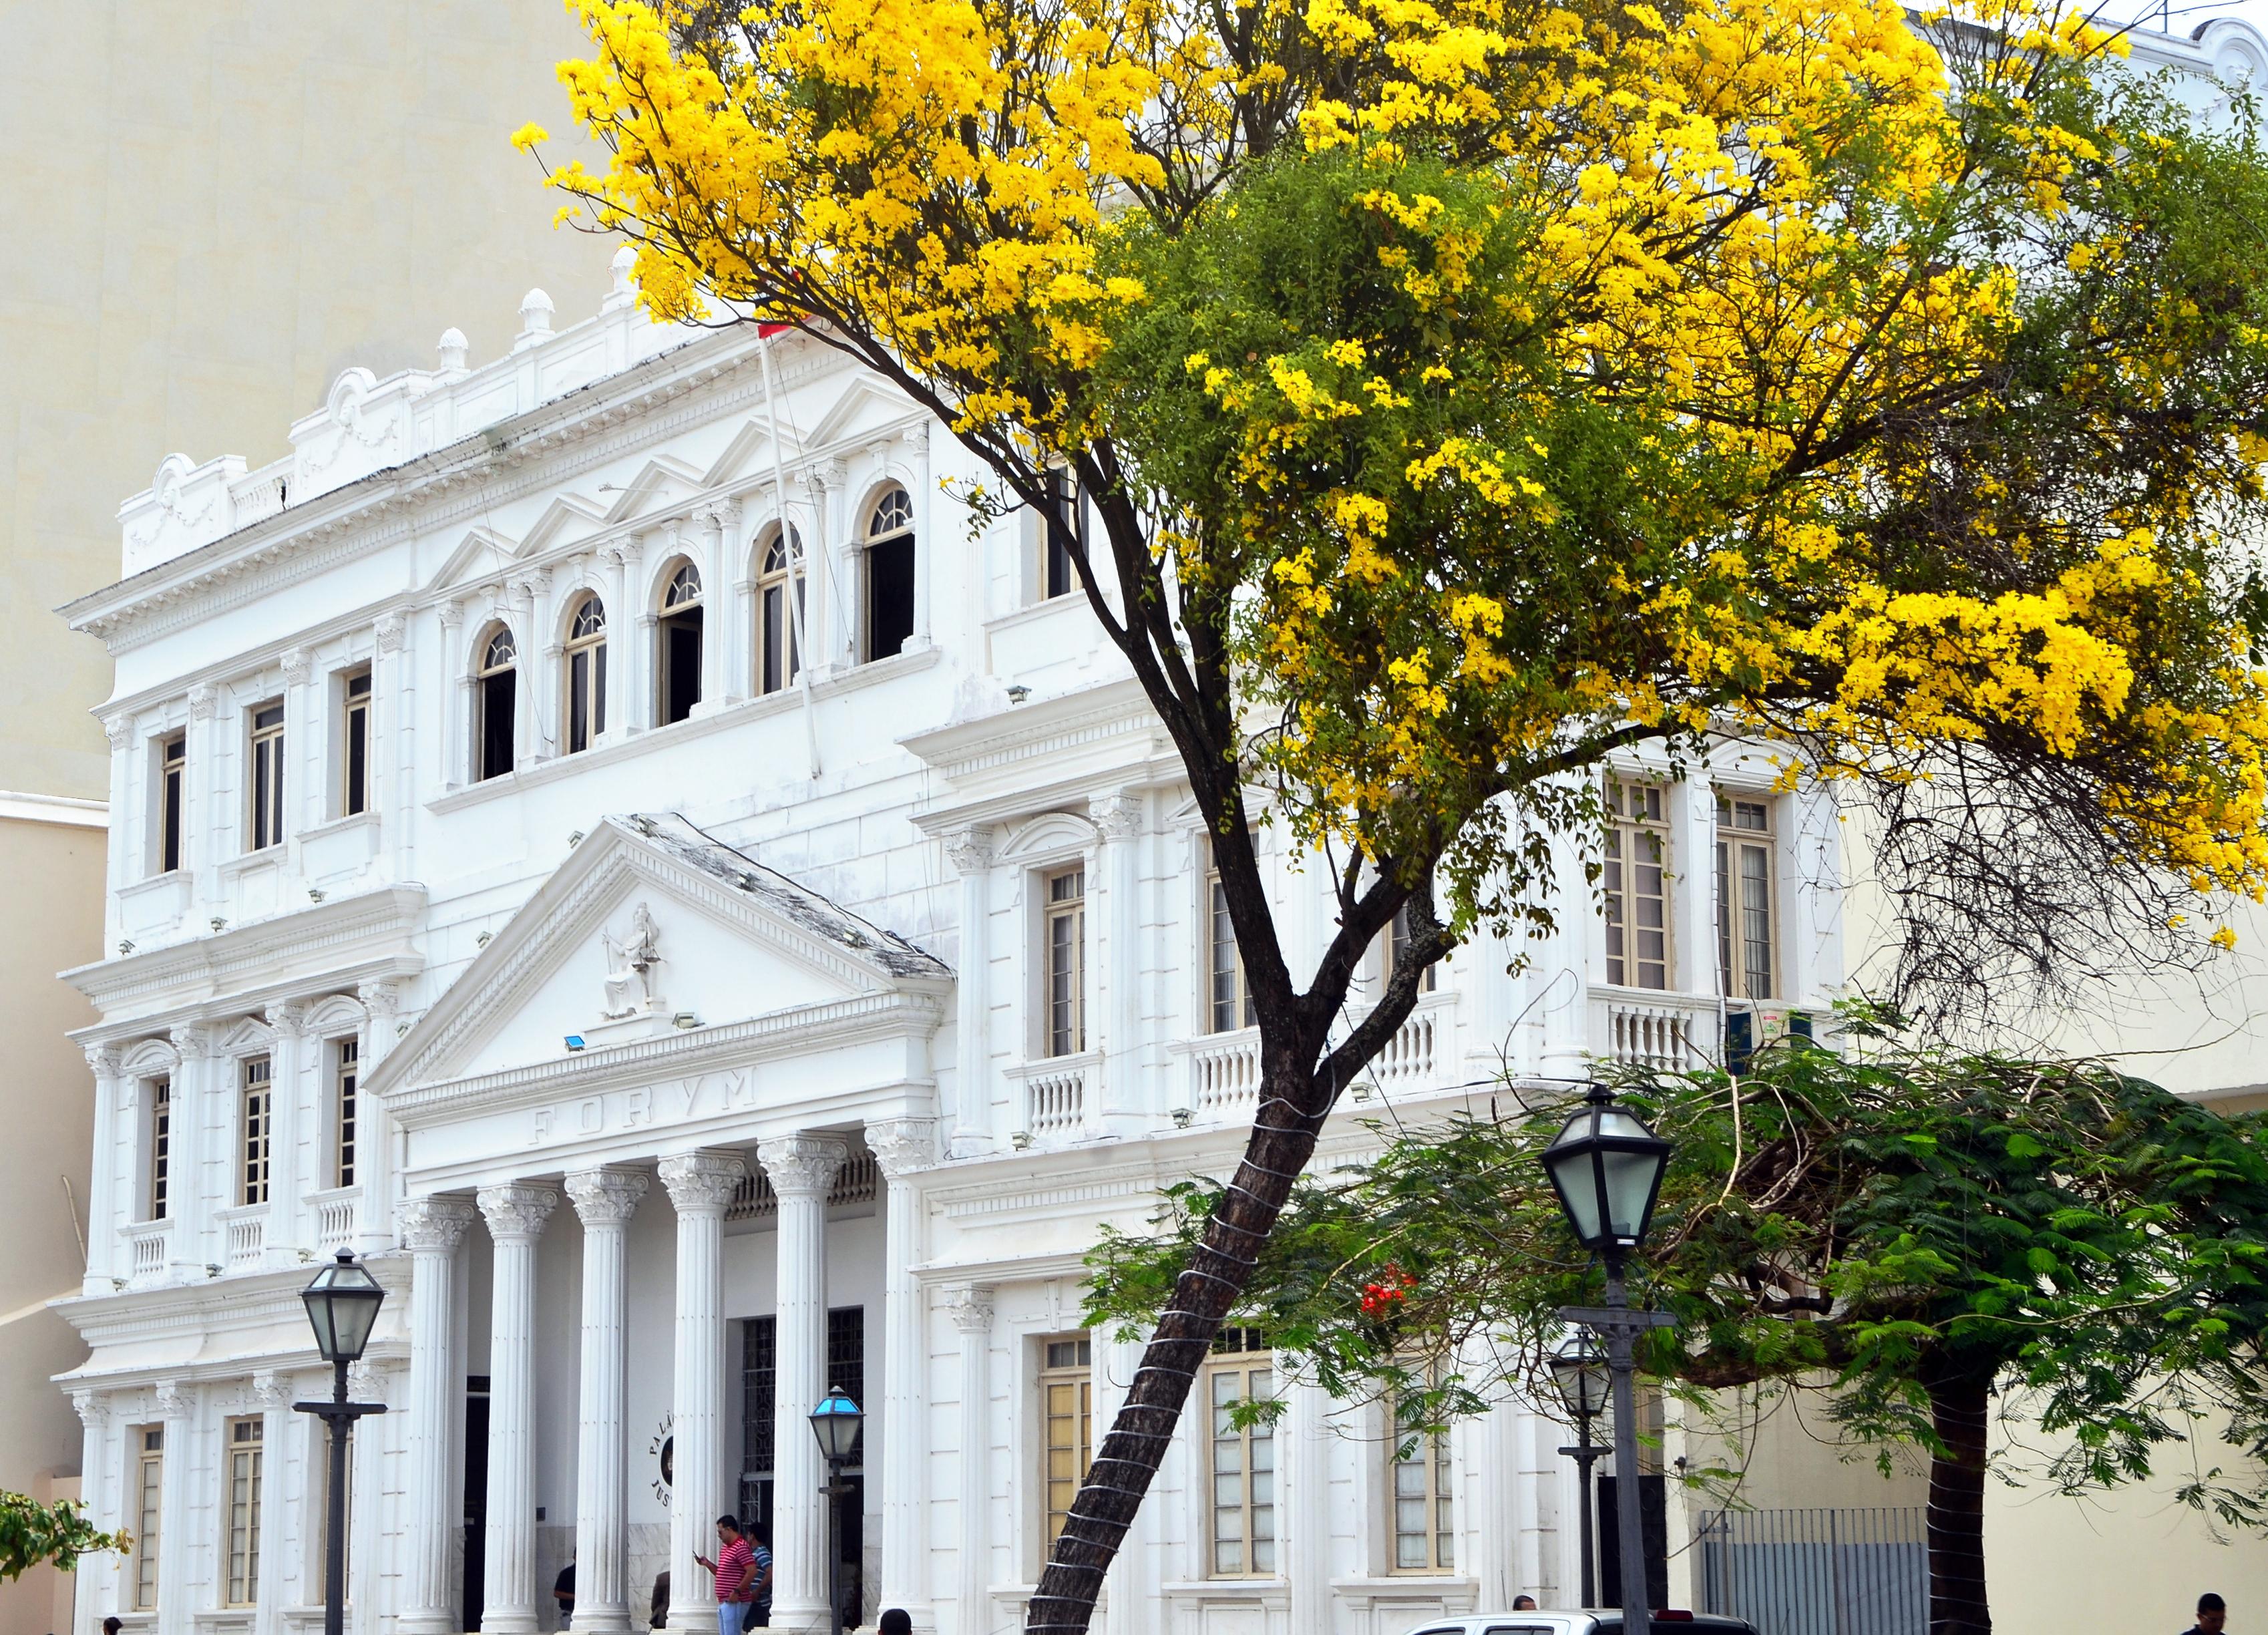 PALÁCIO DA JUSTIÇA CLÓVIS BEVILÁCQUA